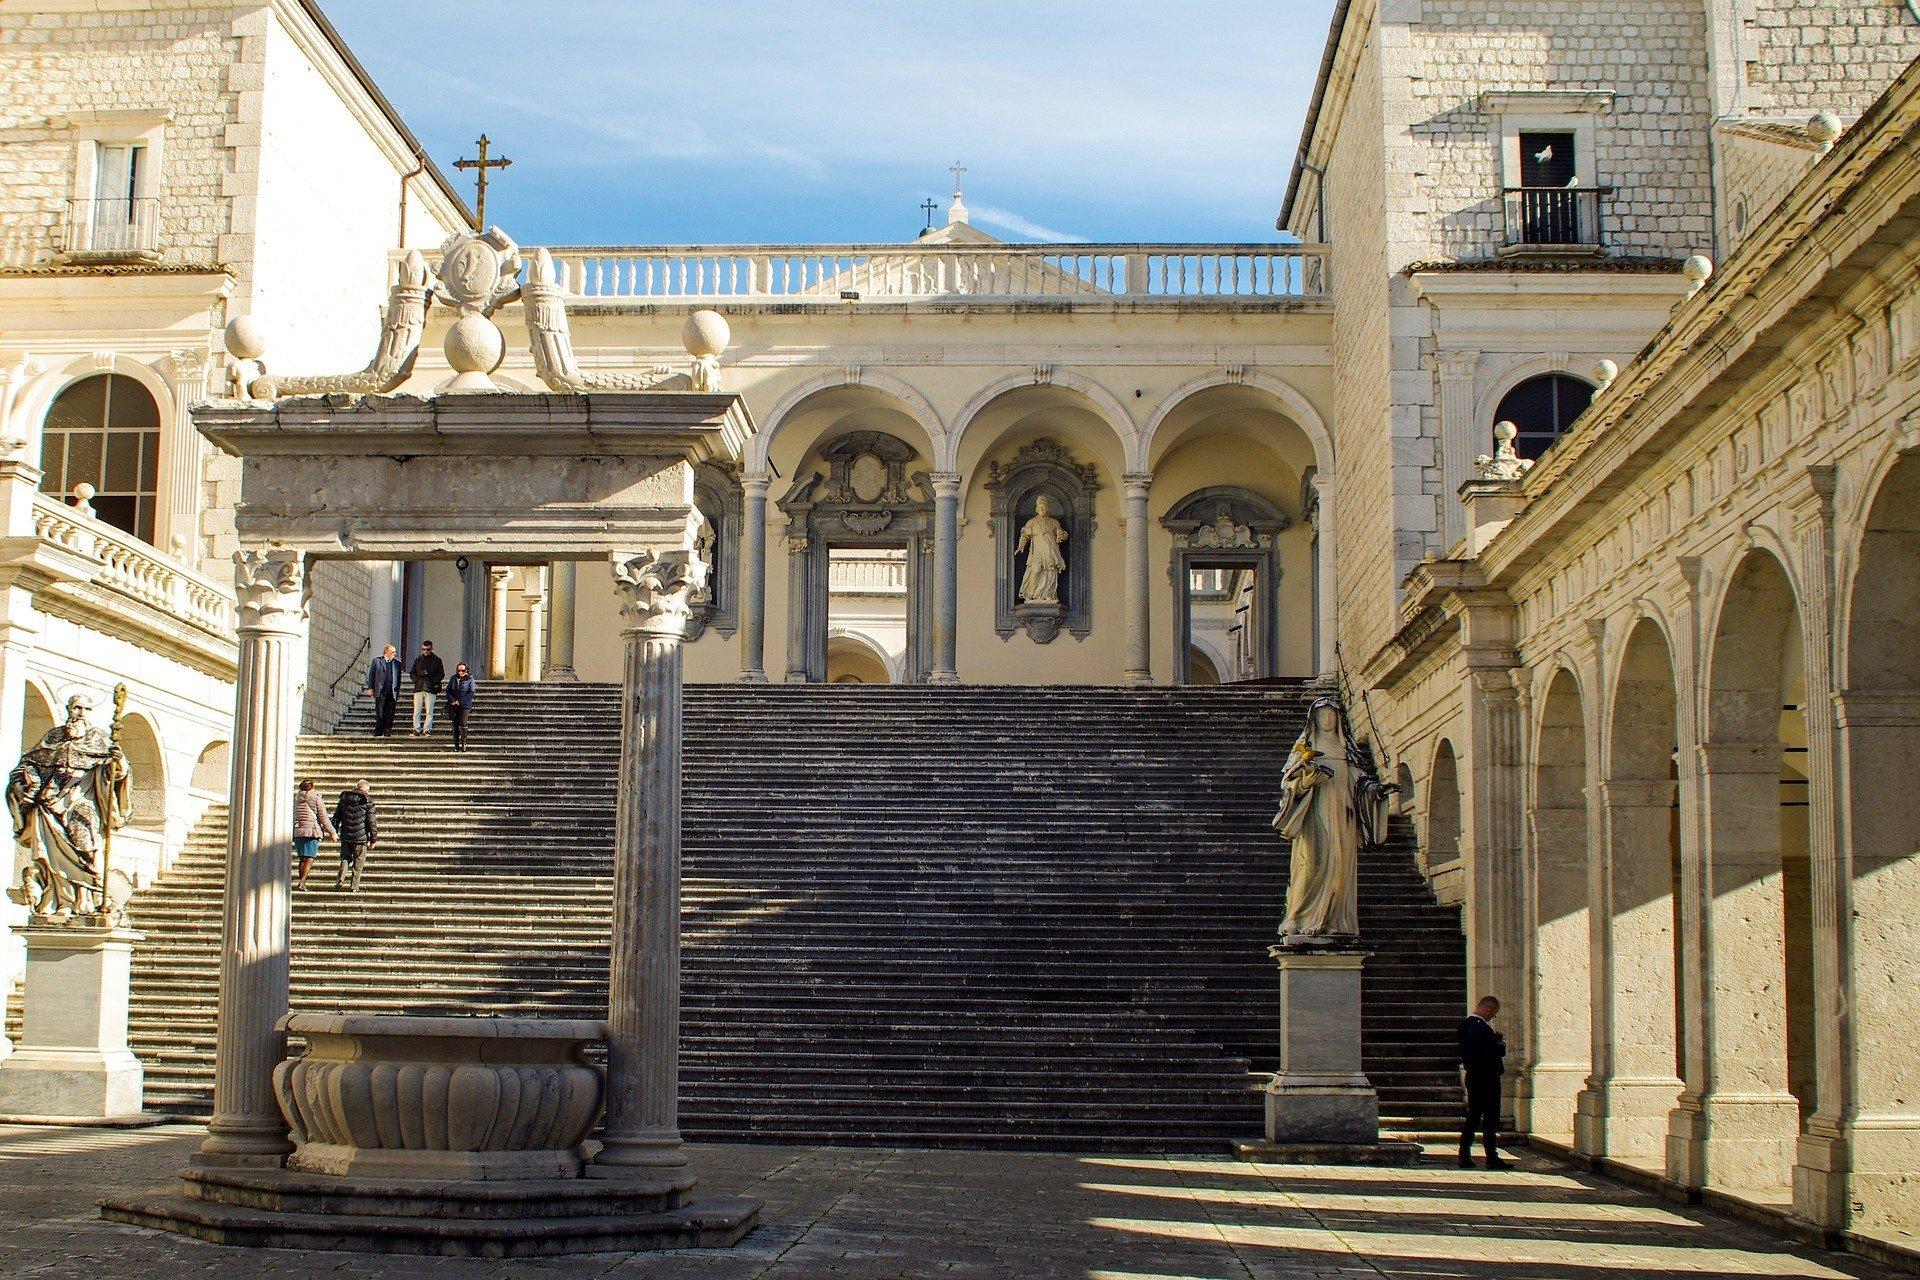 The Montecassino